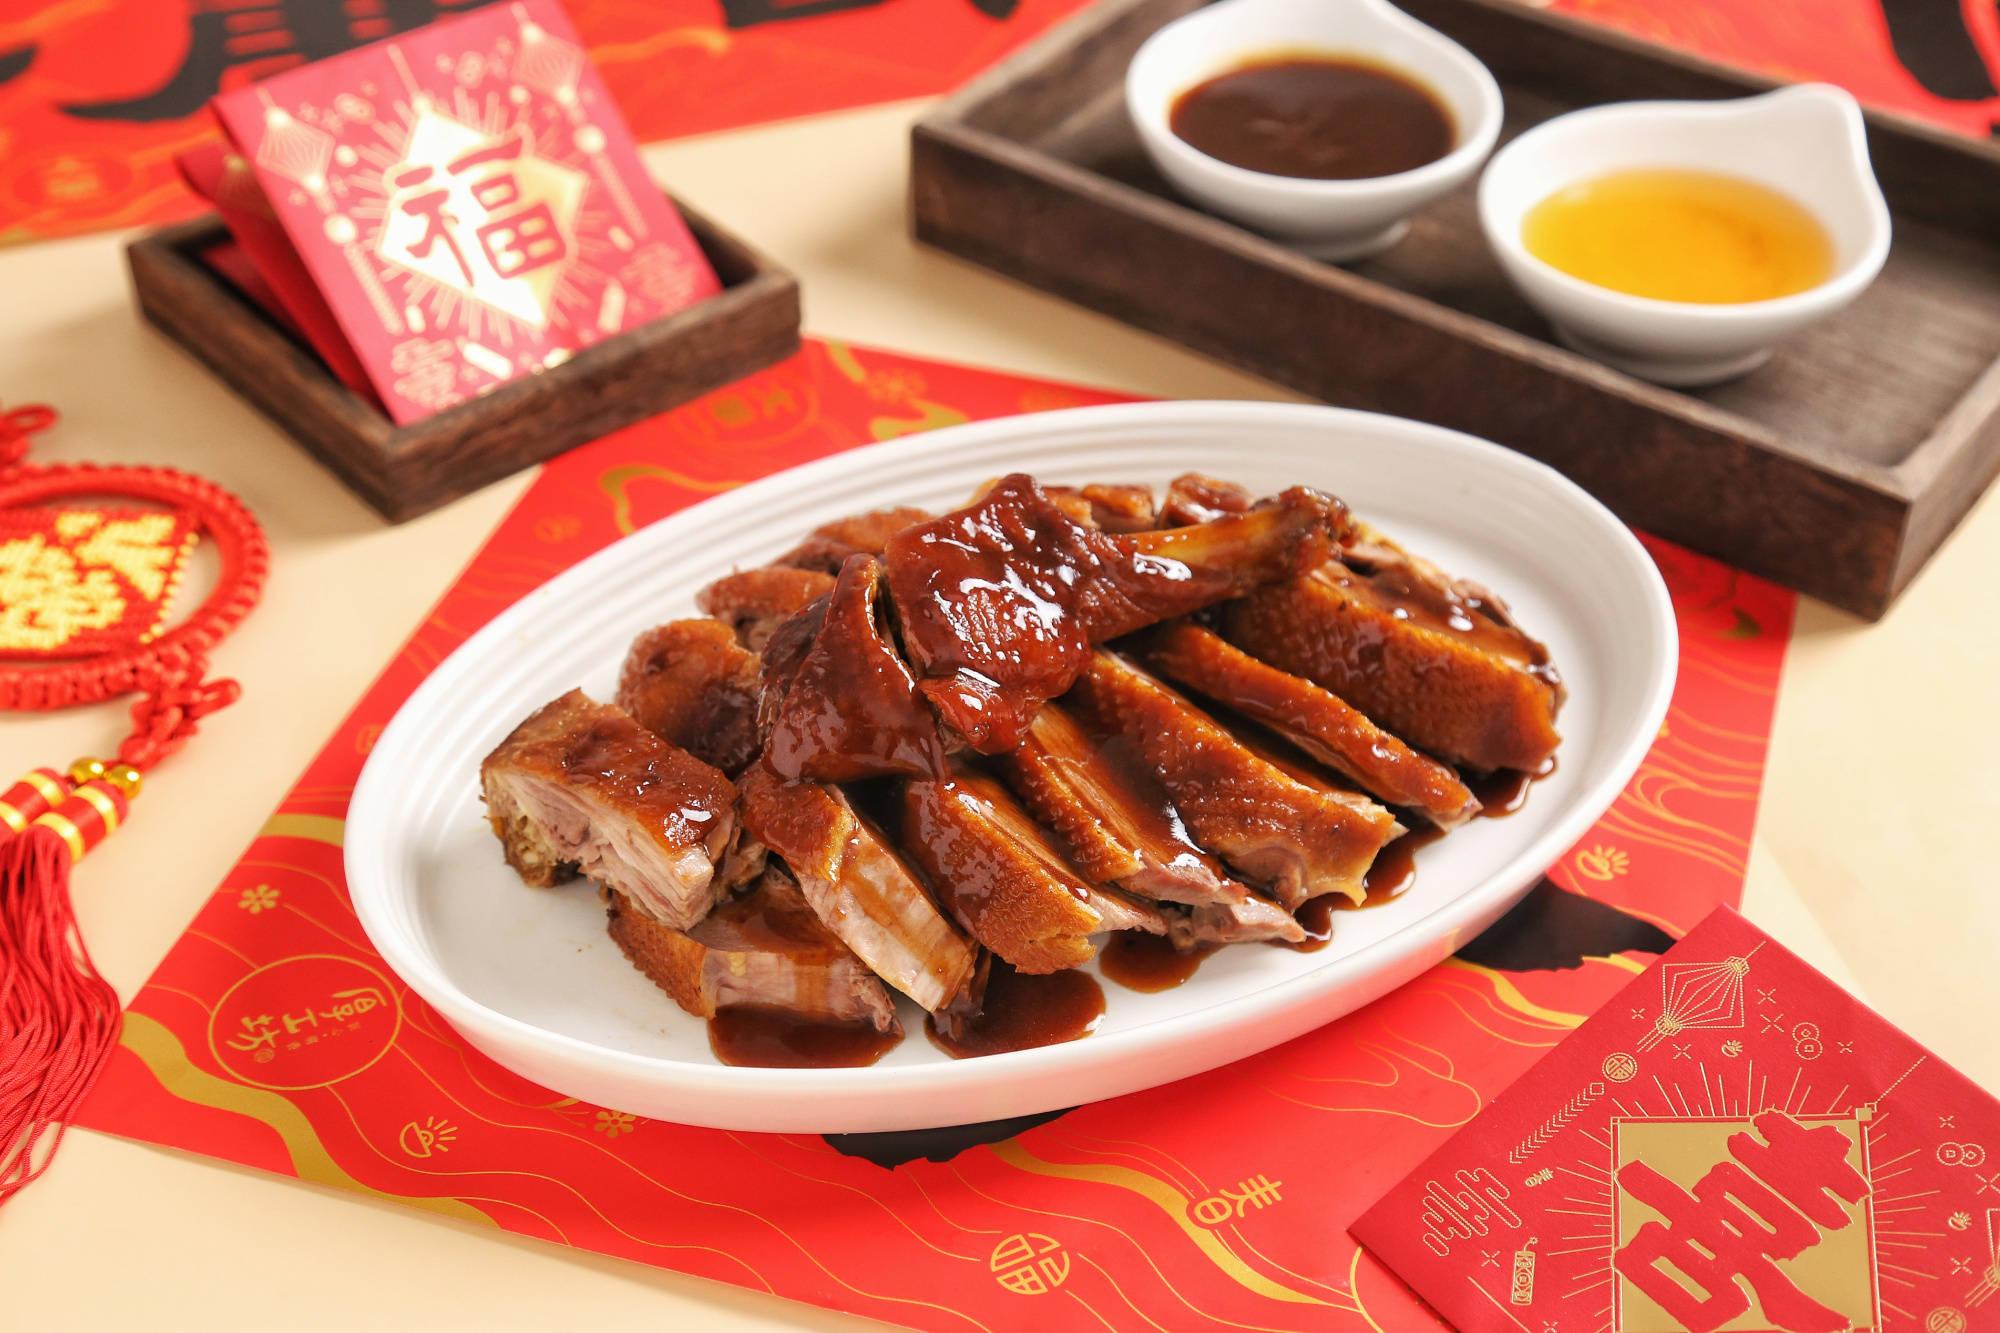 羊肉牛肉不如吃这肉,16元一斤,三两下煮一锅,香软够味,超过瘾